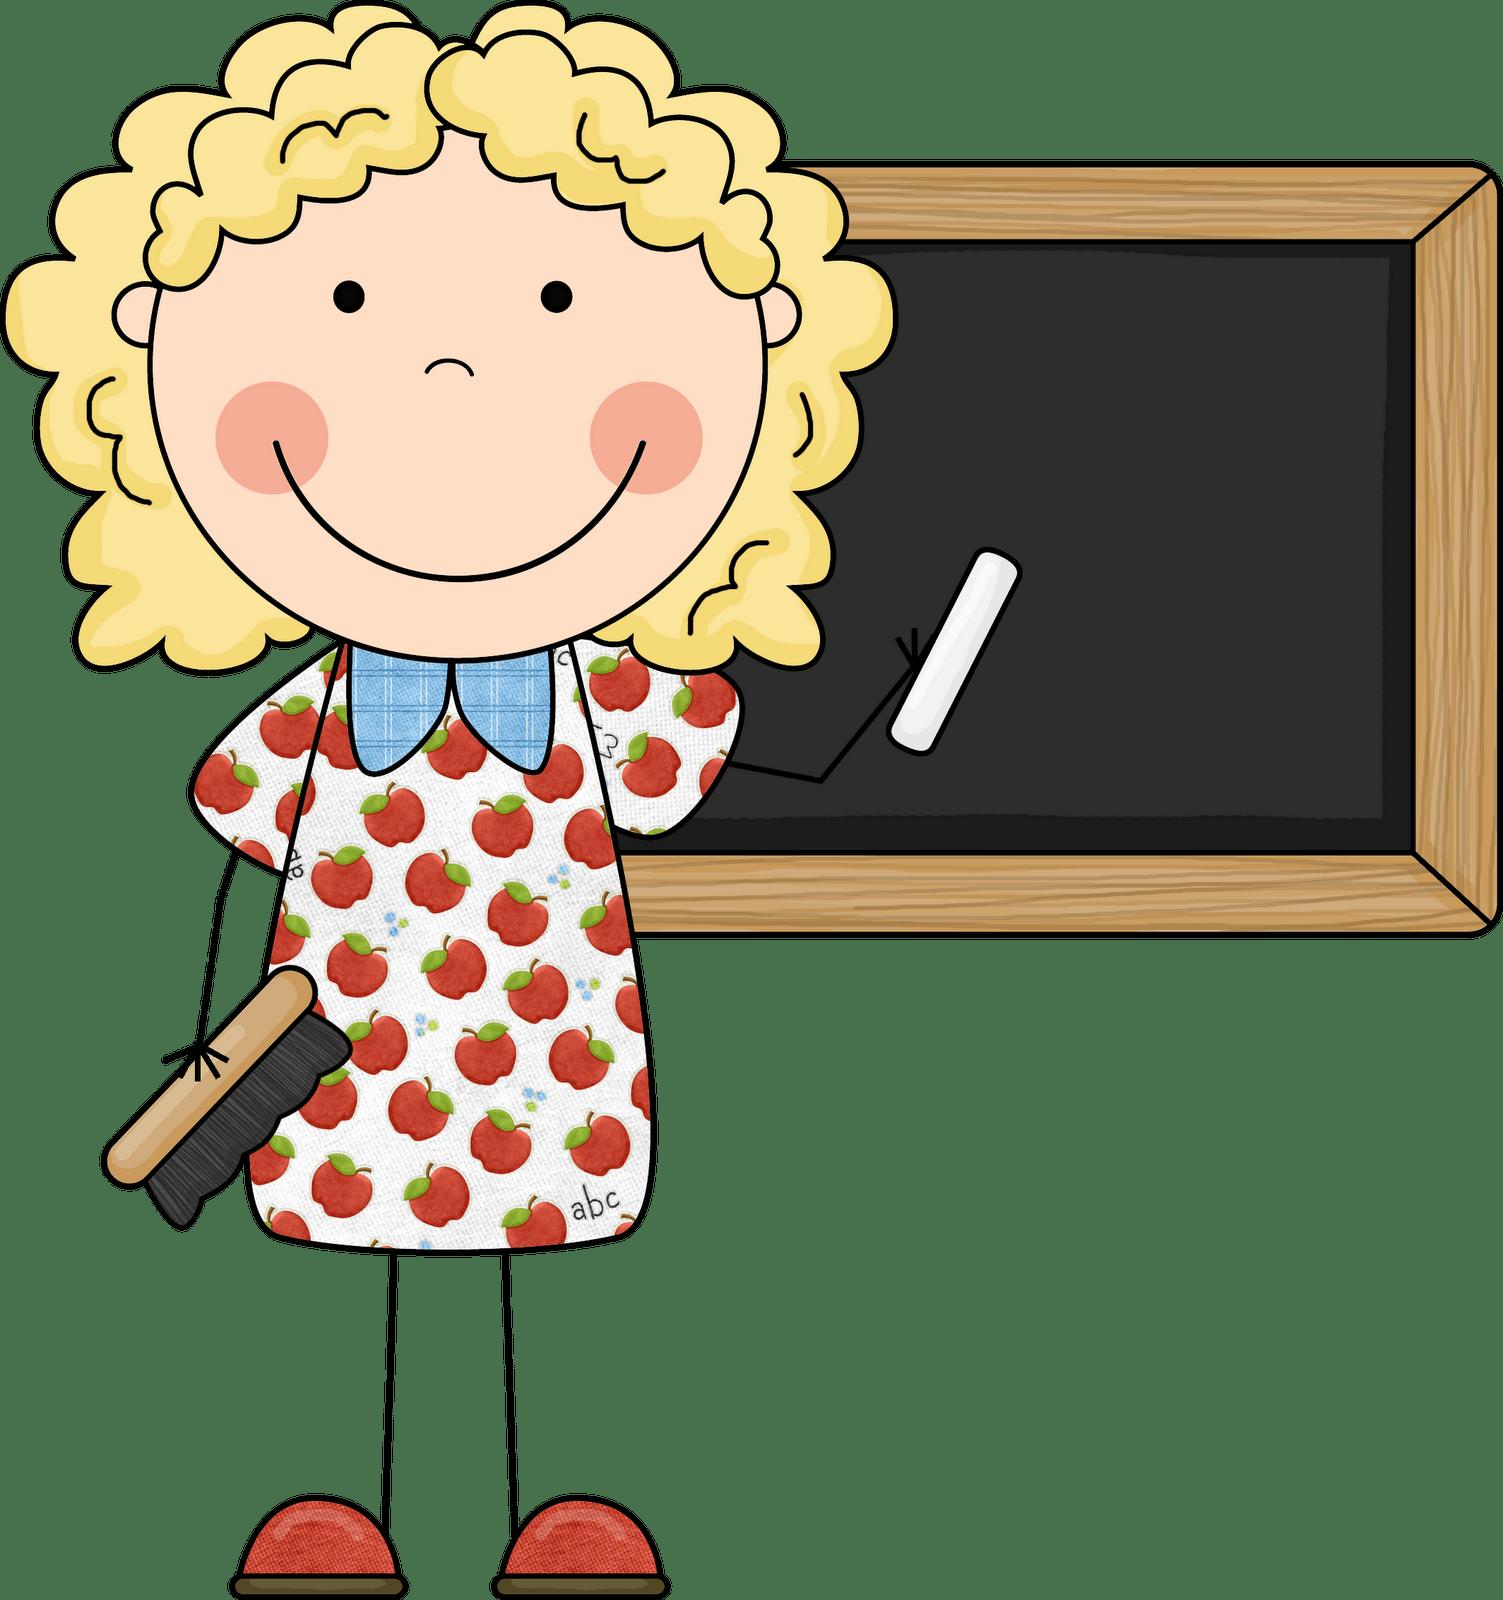 Teacher s back up. Stress clipart teacher's